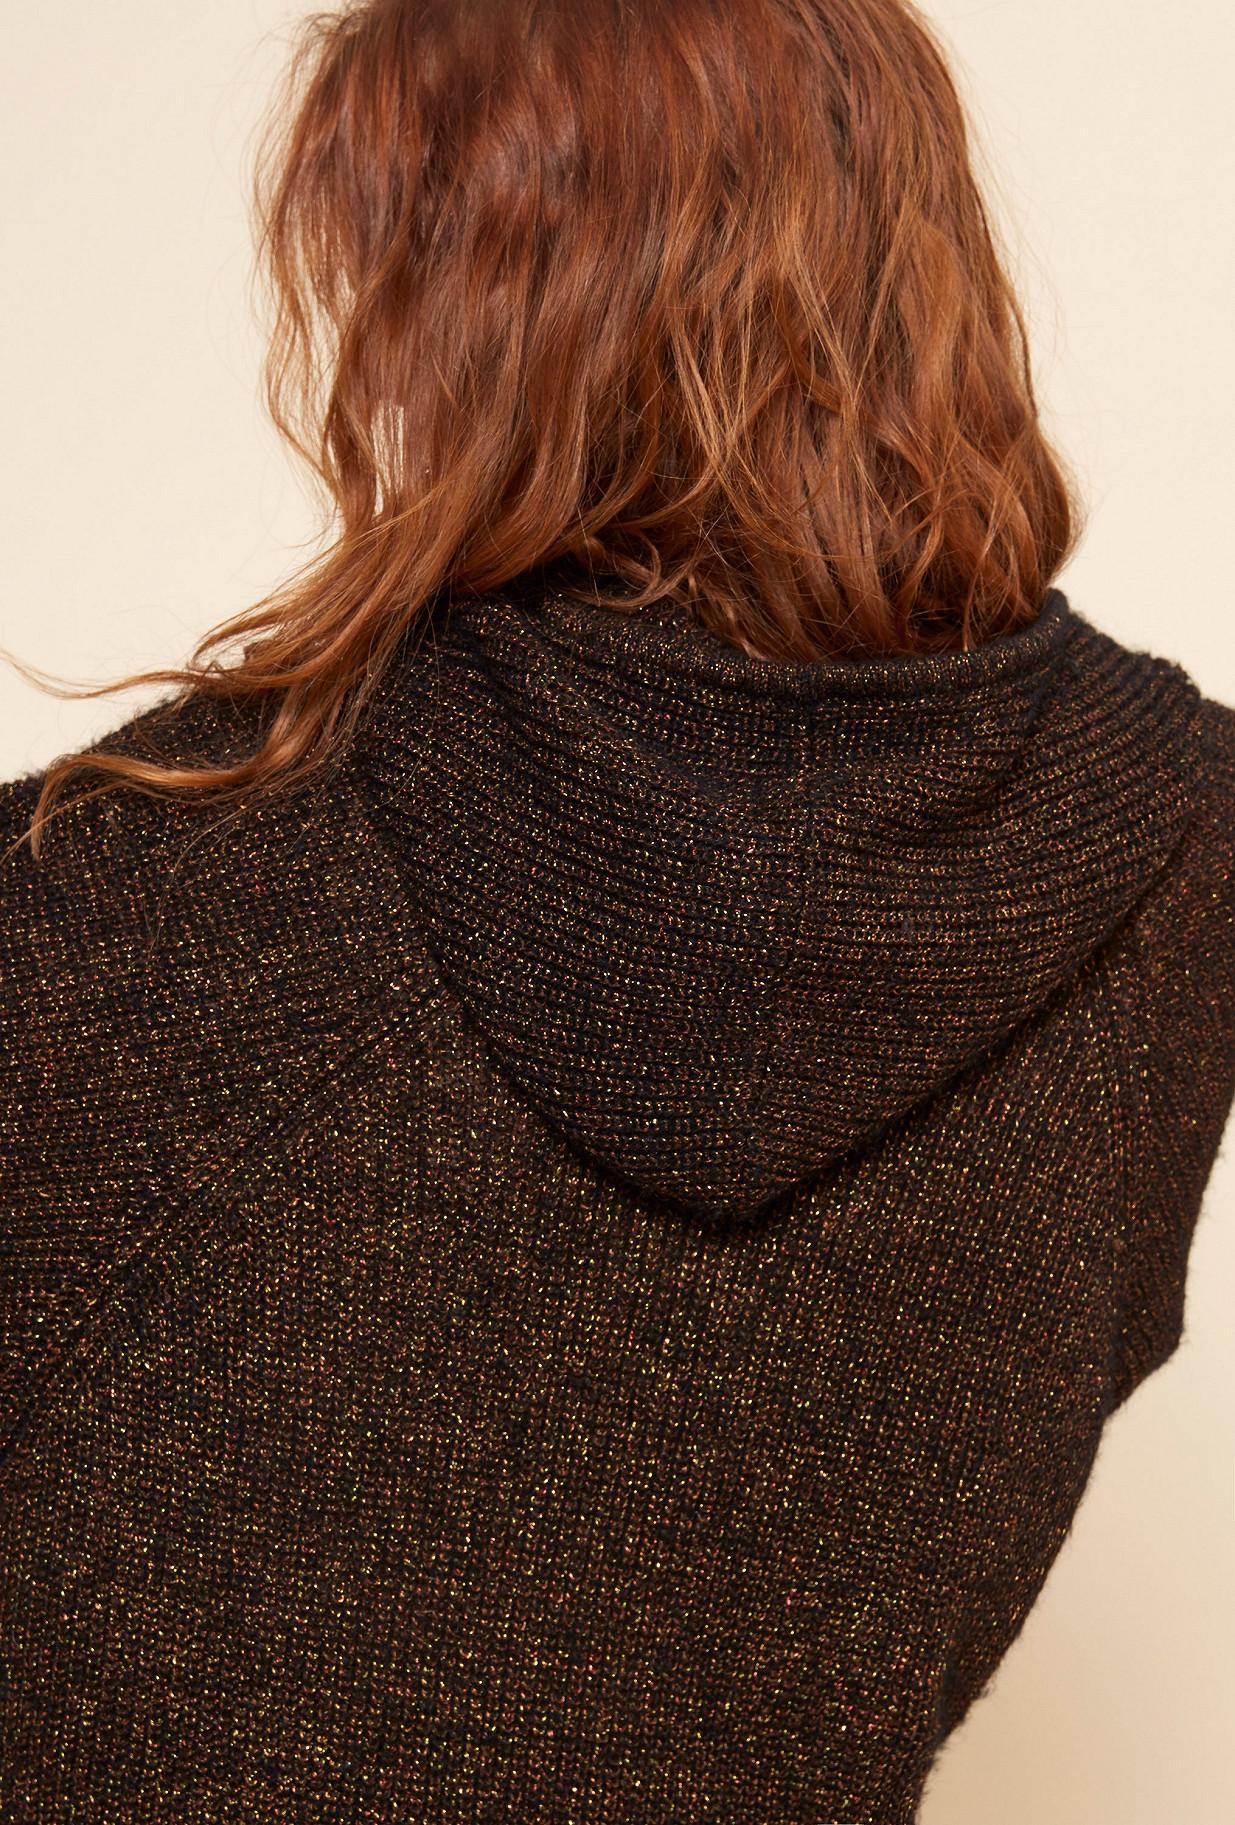 Bronze  Knit  Mauresque Mes demoiselles fashion clothes designer Paris